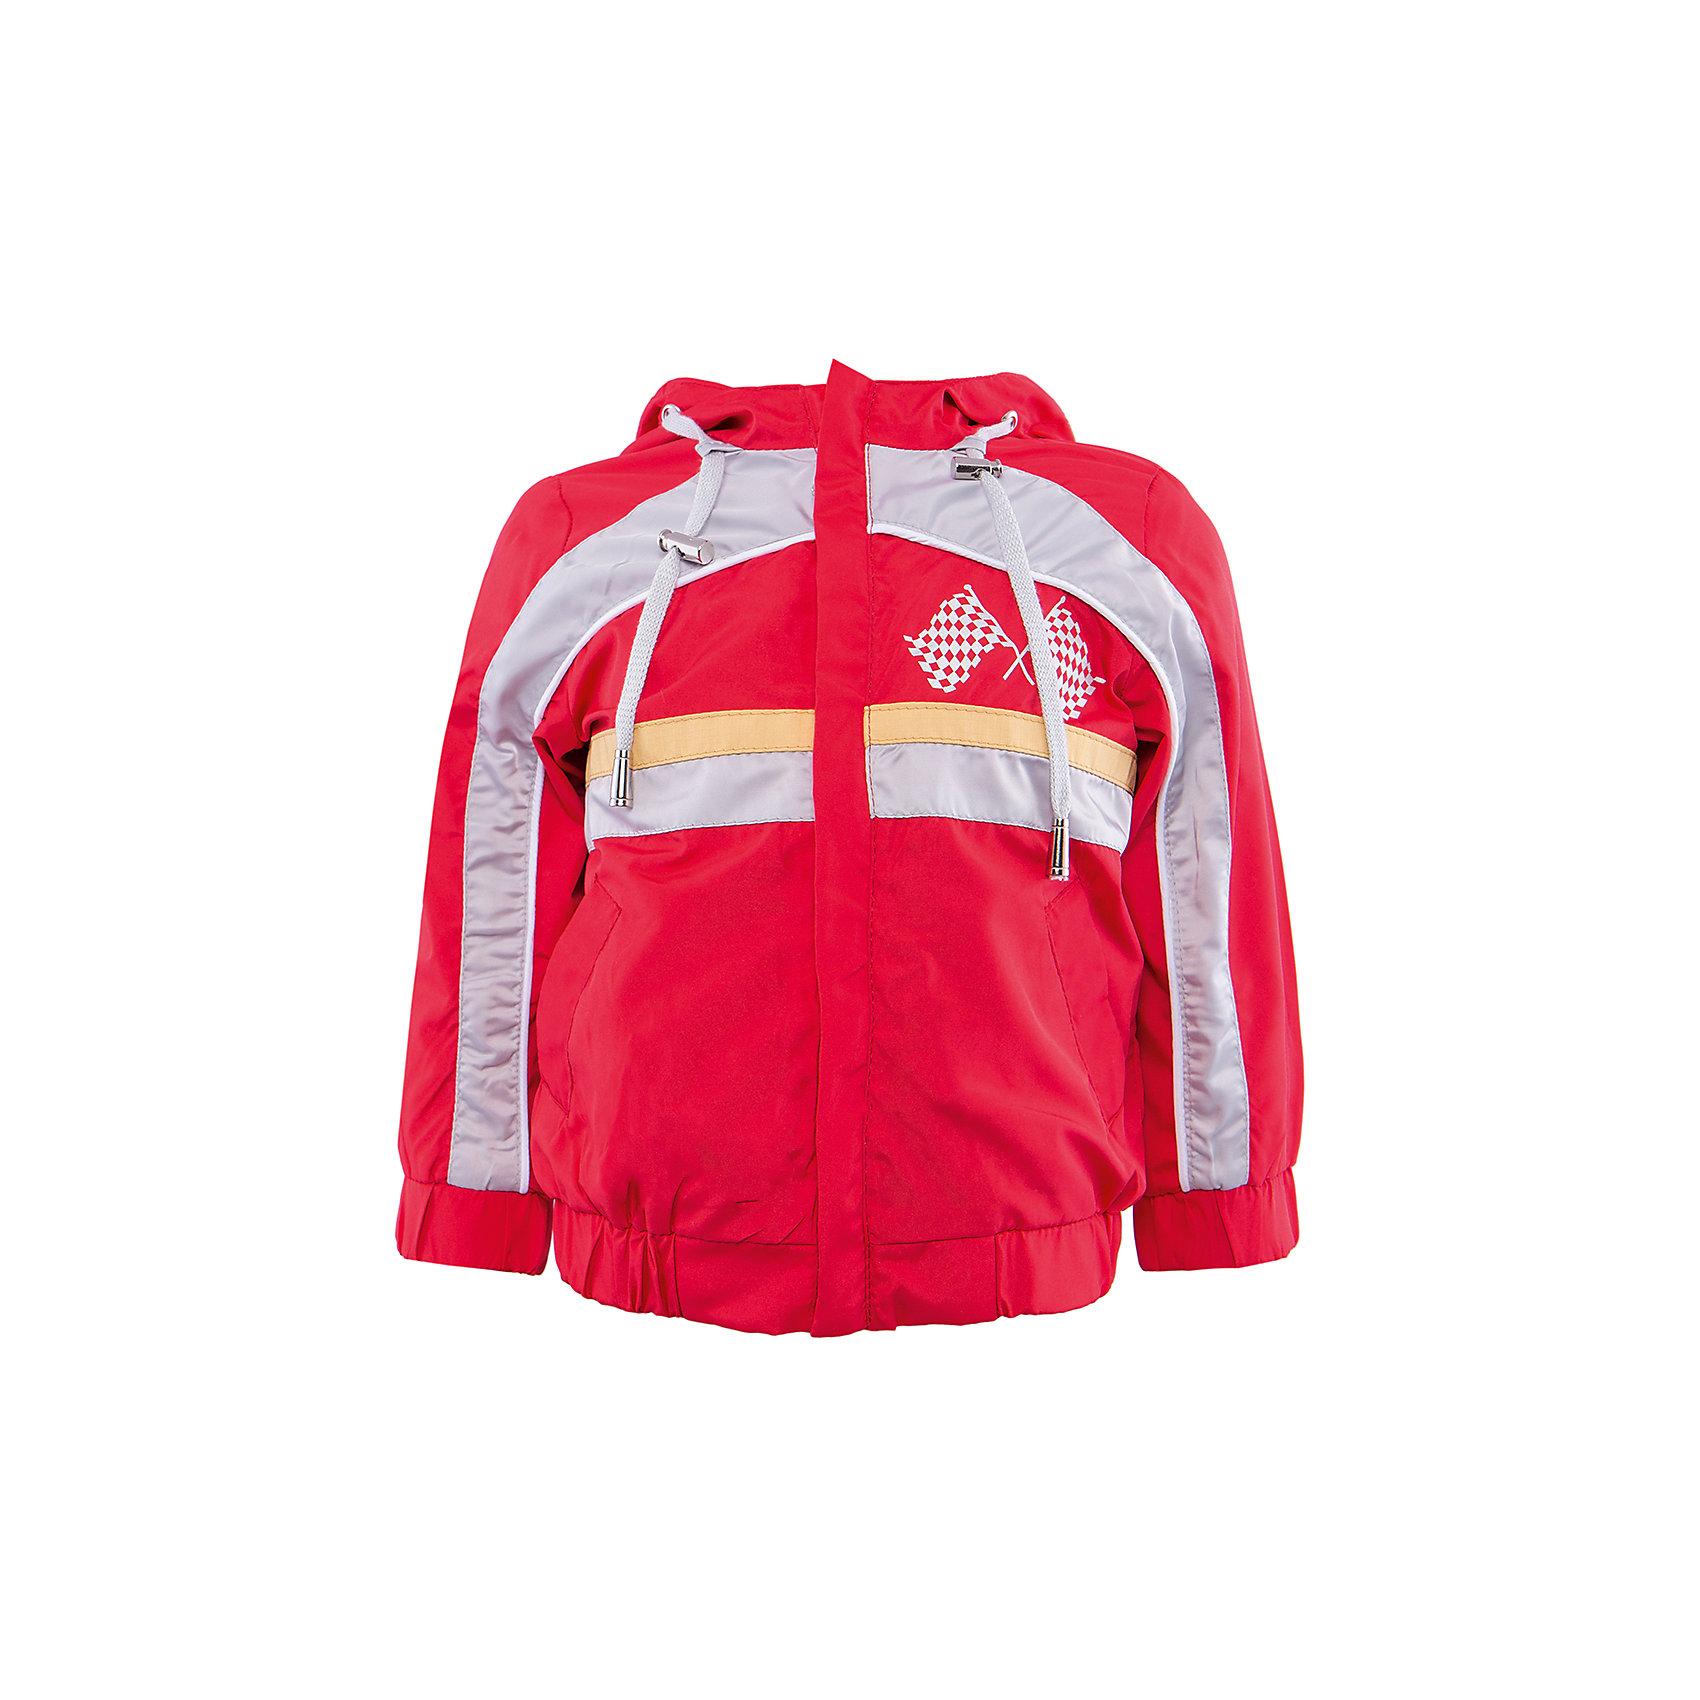 Ветровка для мальчика АртельВетровка для мальчика от торговой марки Артель &#13;<br>&#13;<br>Модная легкая куртка отлично подойдет для прогулок в прохладную погоду. Изделие выполнено из качественных материалов, имеет удобные карманы и капюшон. <br>Одежда от бренда Артель – это высокое качество по приемлемой цене и всегда продуманный дизайн. &#13;<br>&#13;<br>Особенности модели: &#13;<br>- цвет - красный;&#13;<br>- наличие карманов;&#13;<br>- наличие капюшона;&#13;<br>- низ и манжеты - на резинке;&#13;<br>- декорирована вышивкой;&#13;<br>- застежка-молния.&#13;<br>&#13;<br>Дополнительная информация:&#13;<br>&#13;<br>Состав: &#13;<br>- верх: Multi;&#13;<br>- подкладка: хлопок интерлок.&#13;<br>&#13;<br>Температурный режим: &#13;<br>от +10 °C до +20 °C&#13;<br>&#13;<br>Ветровку для мальчика Артель (Artel) можно купить в нашем магазине.<br><br>Ширина мм: 356<br>Глубина мм: 10<br>Высота мм: 245<br>Вес г: 519<br>Цвет: красный<br>Возраст от месяцев: 18<br>Возраст до месяцев: 24<br>Пол: Мужской<br>Возраст: Детский<br>Размер: 92,74,80,86<br>SKU: 4496154